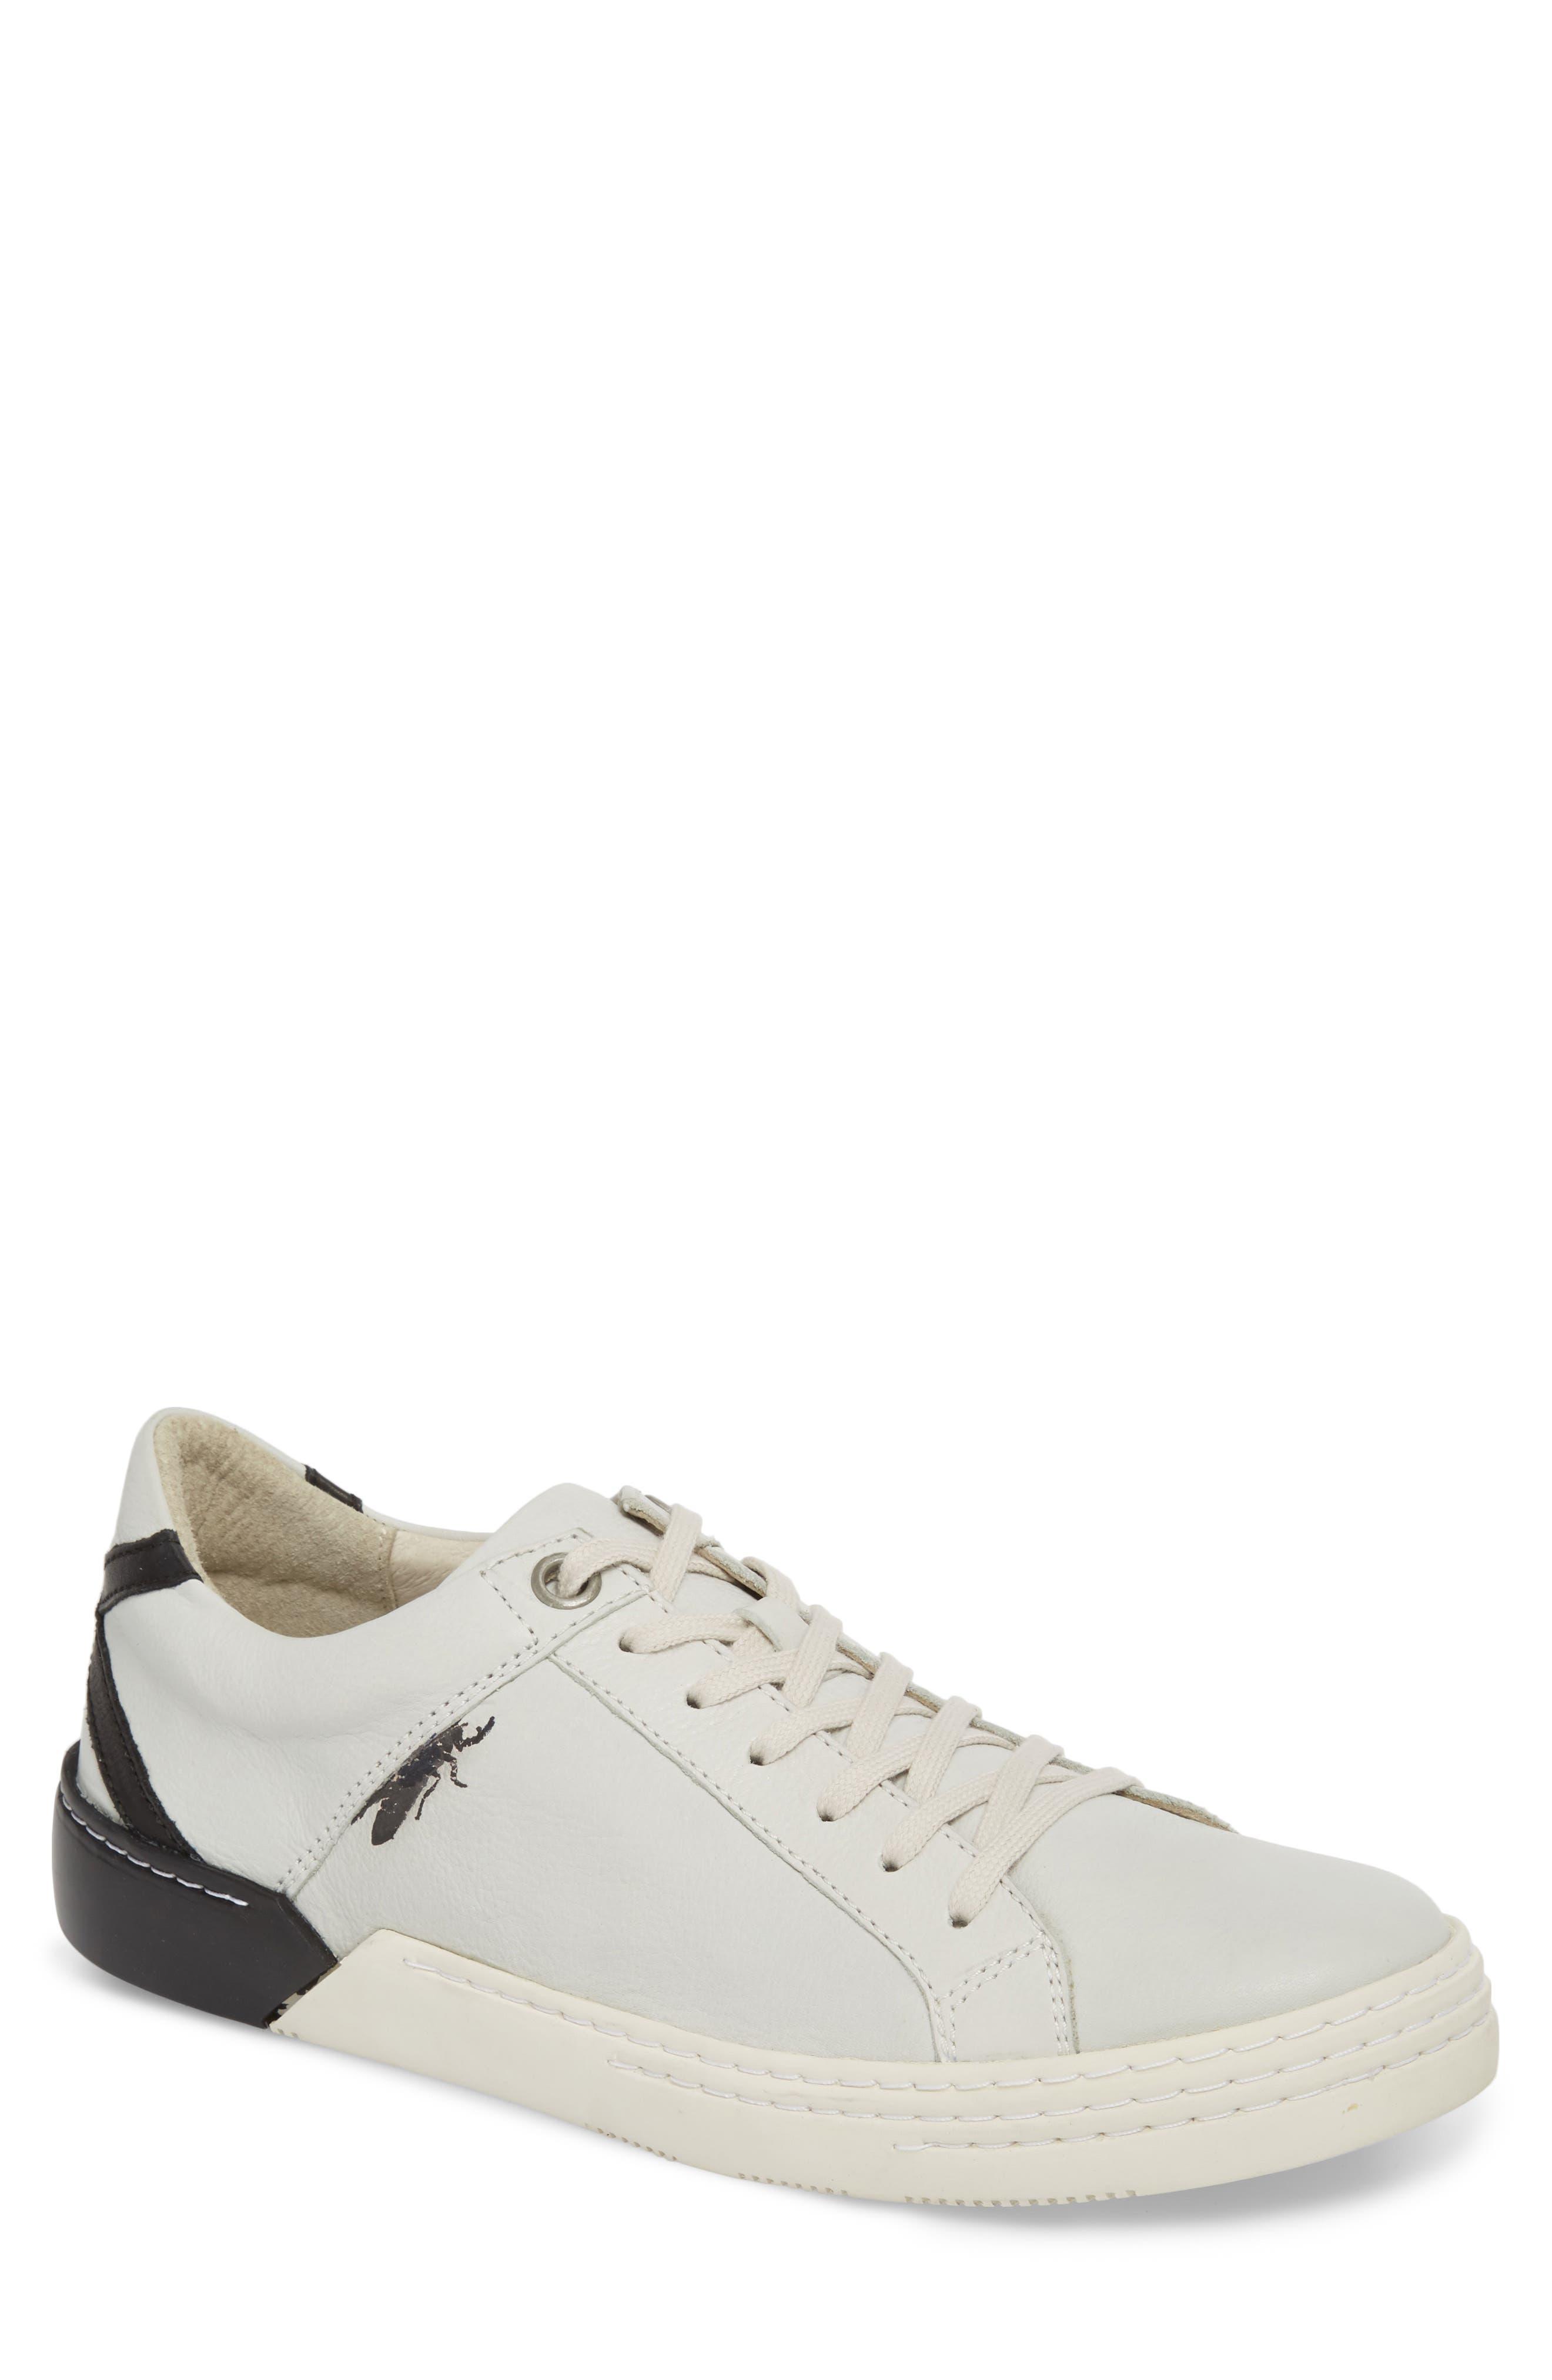 Fly London Sene Low Top Sneaker (Men)